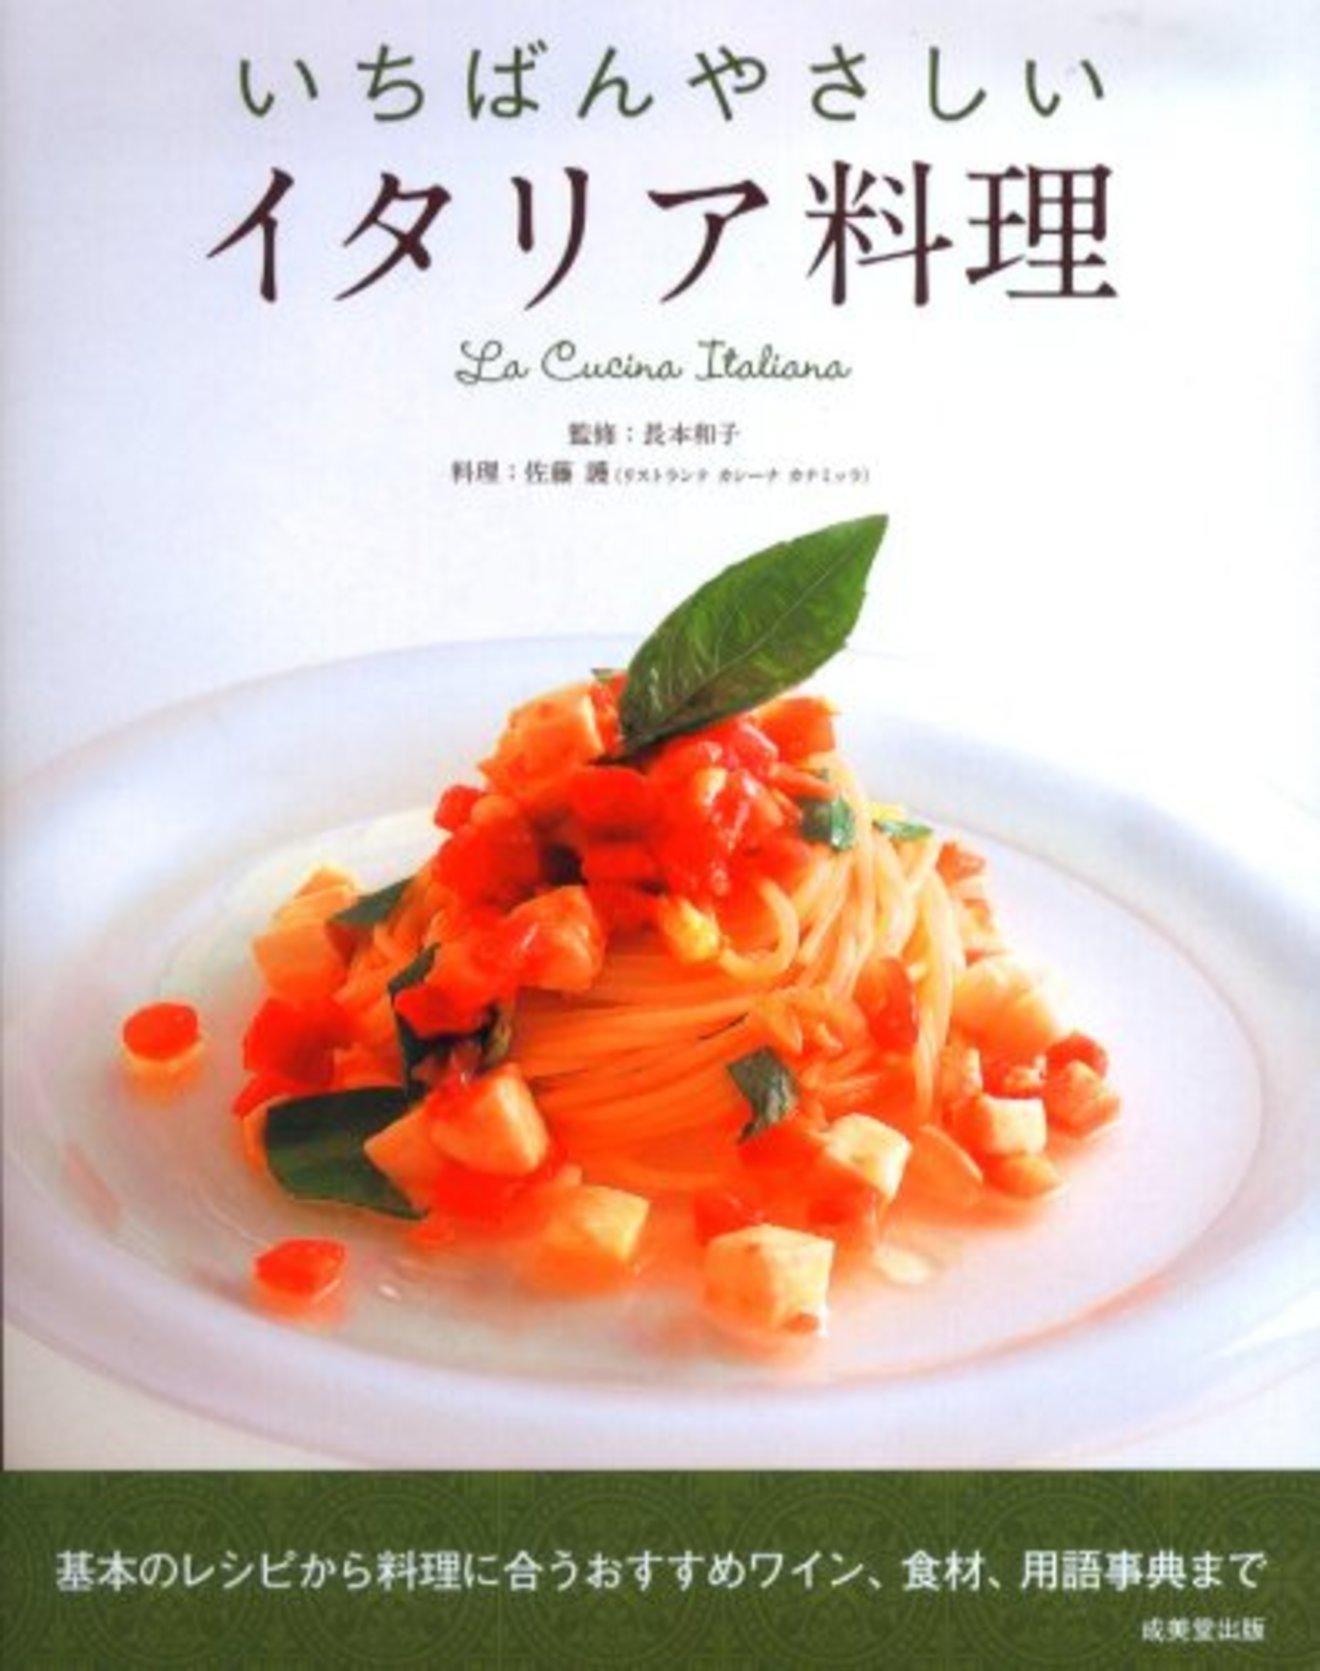 イタリアンのレシピ本おすすめ5選!前菜から本格志向まで